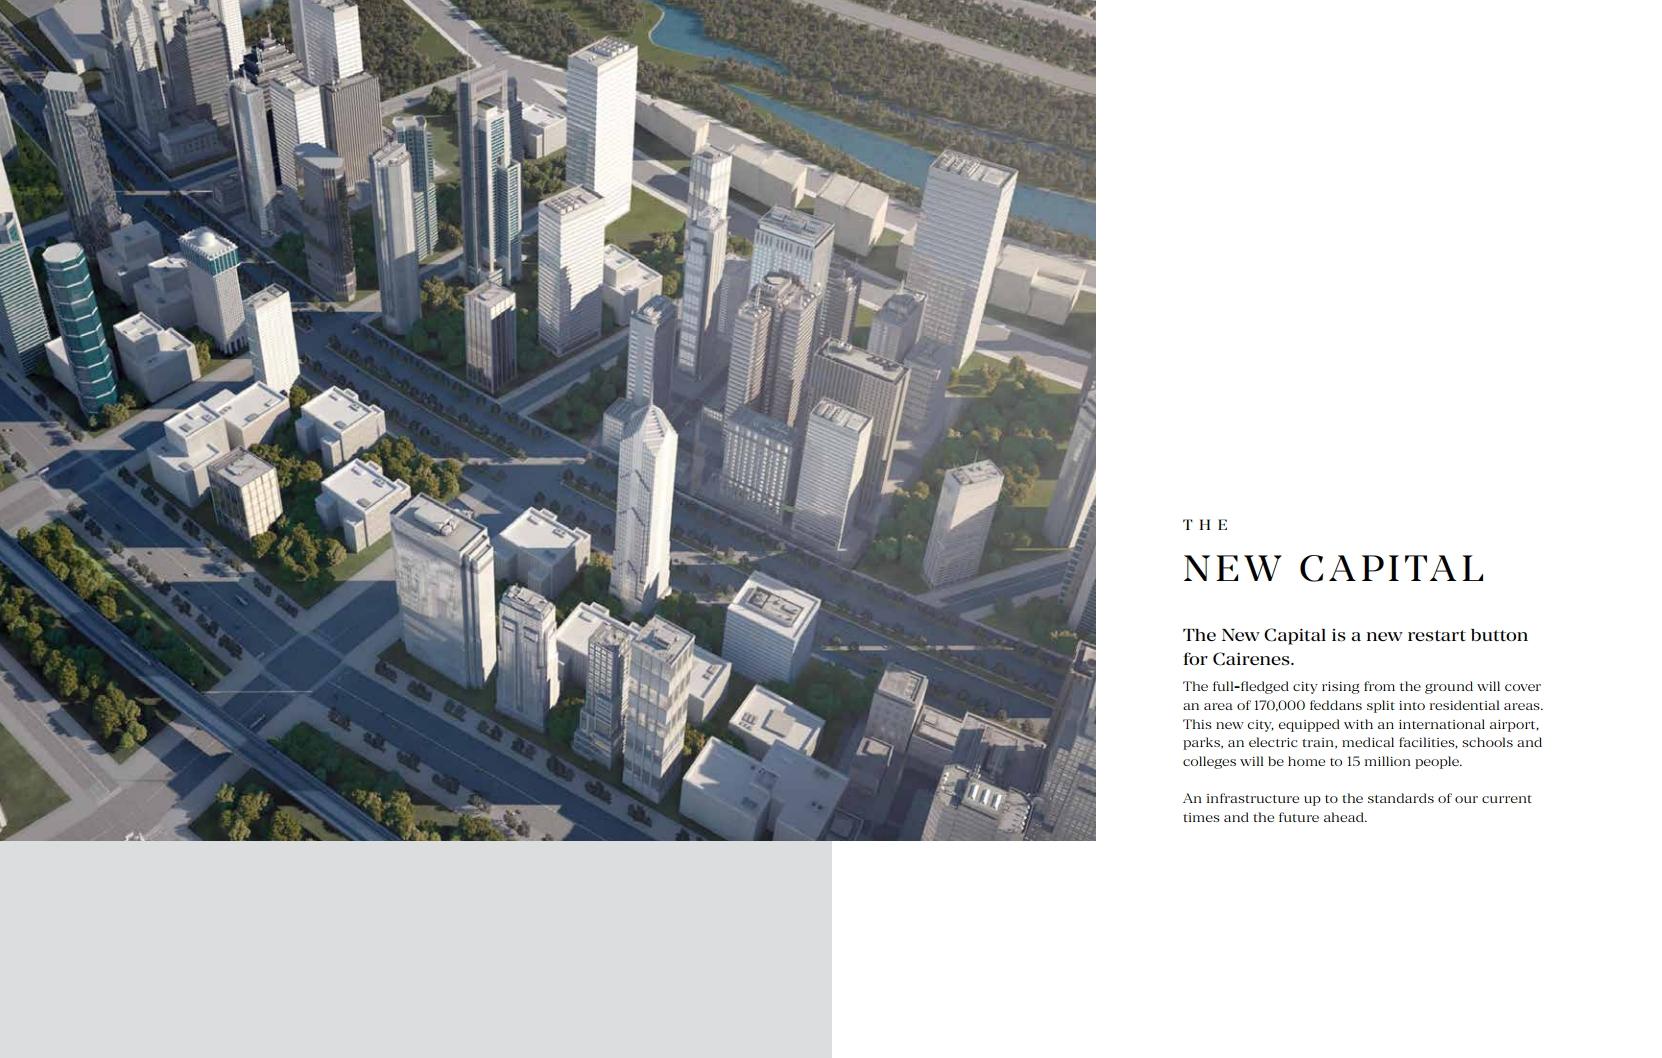 كمبوند المقصد بالعاصمة الادارية Al Maqsad New Capital